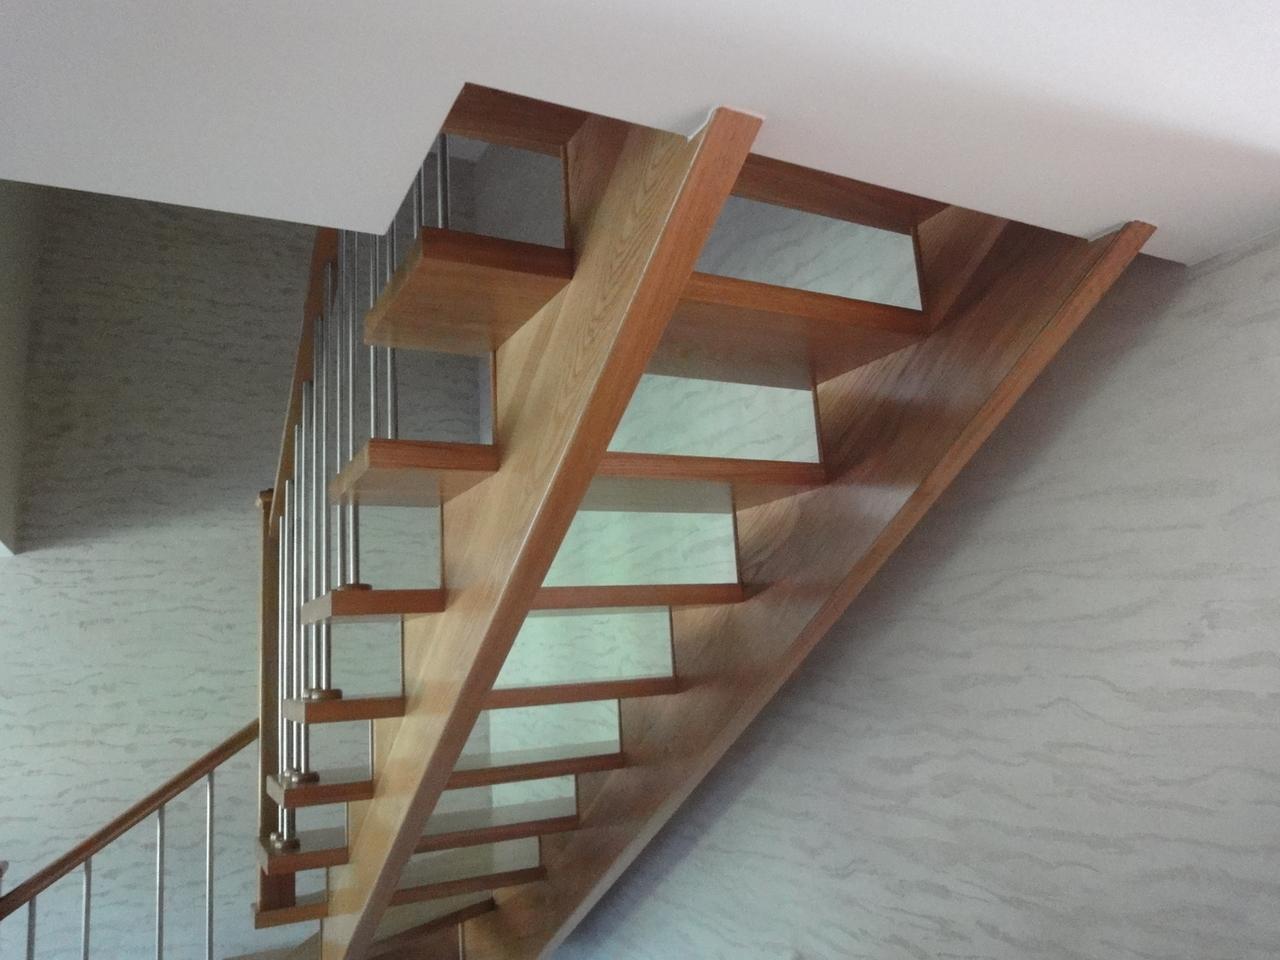 Konstrukcja schodów ażurowych